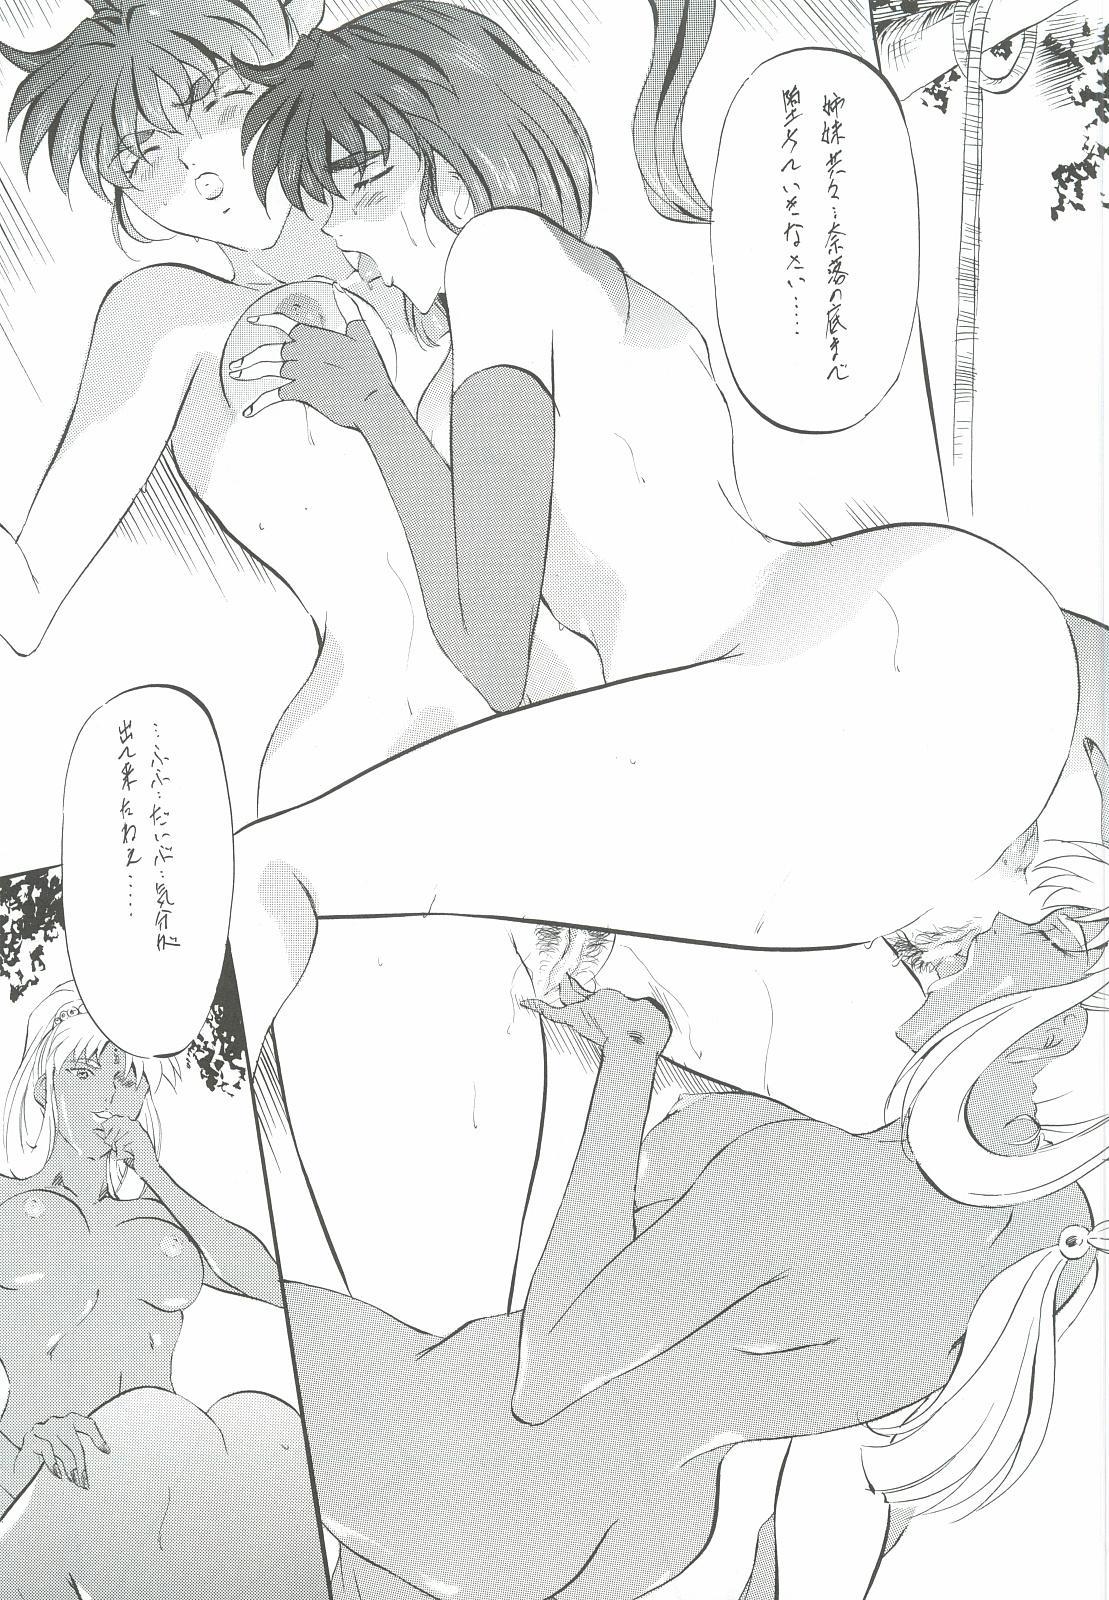 Ai & Mai Gaiden - Kishin Fukkatsu no Shou 103